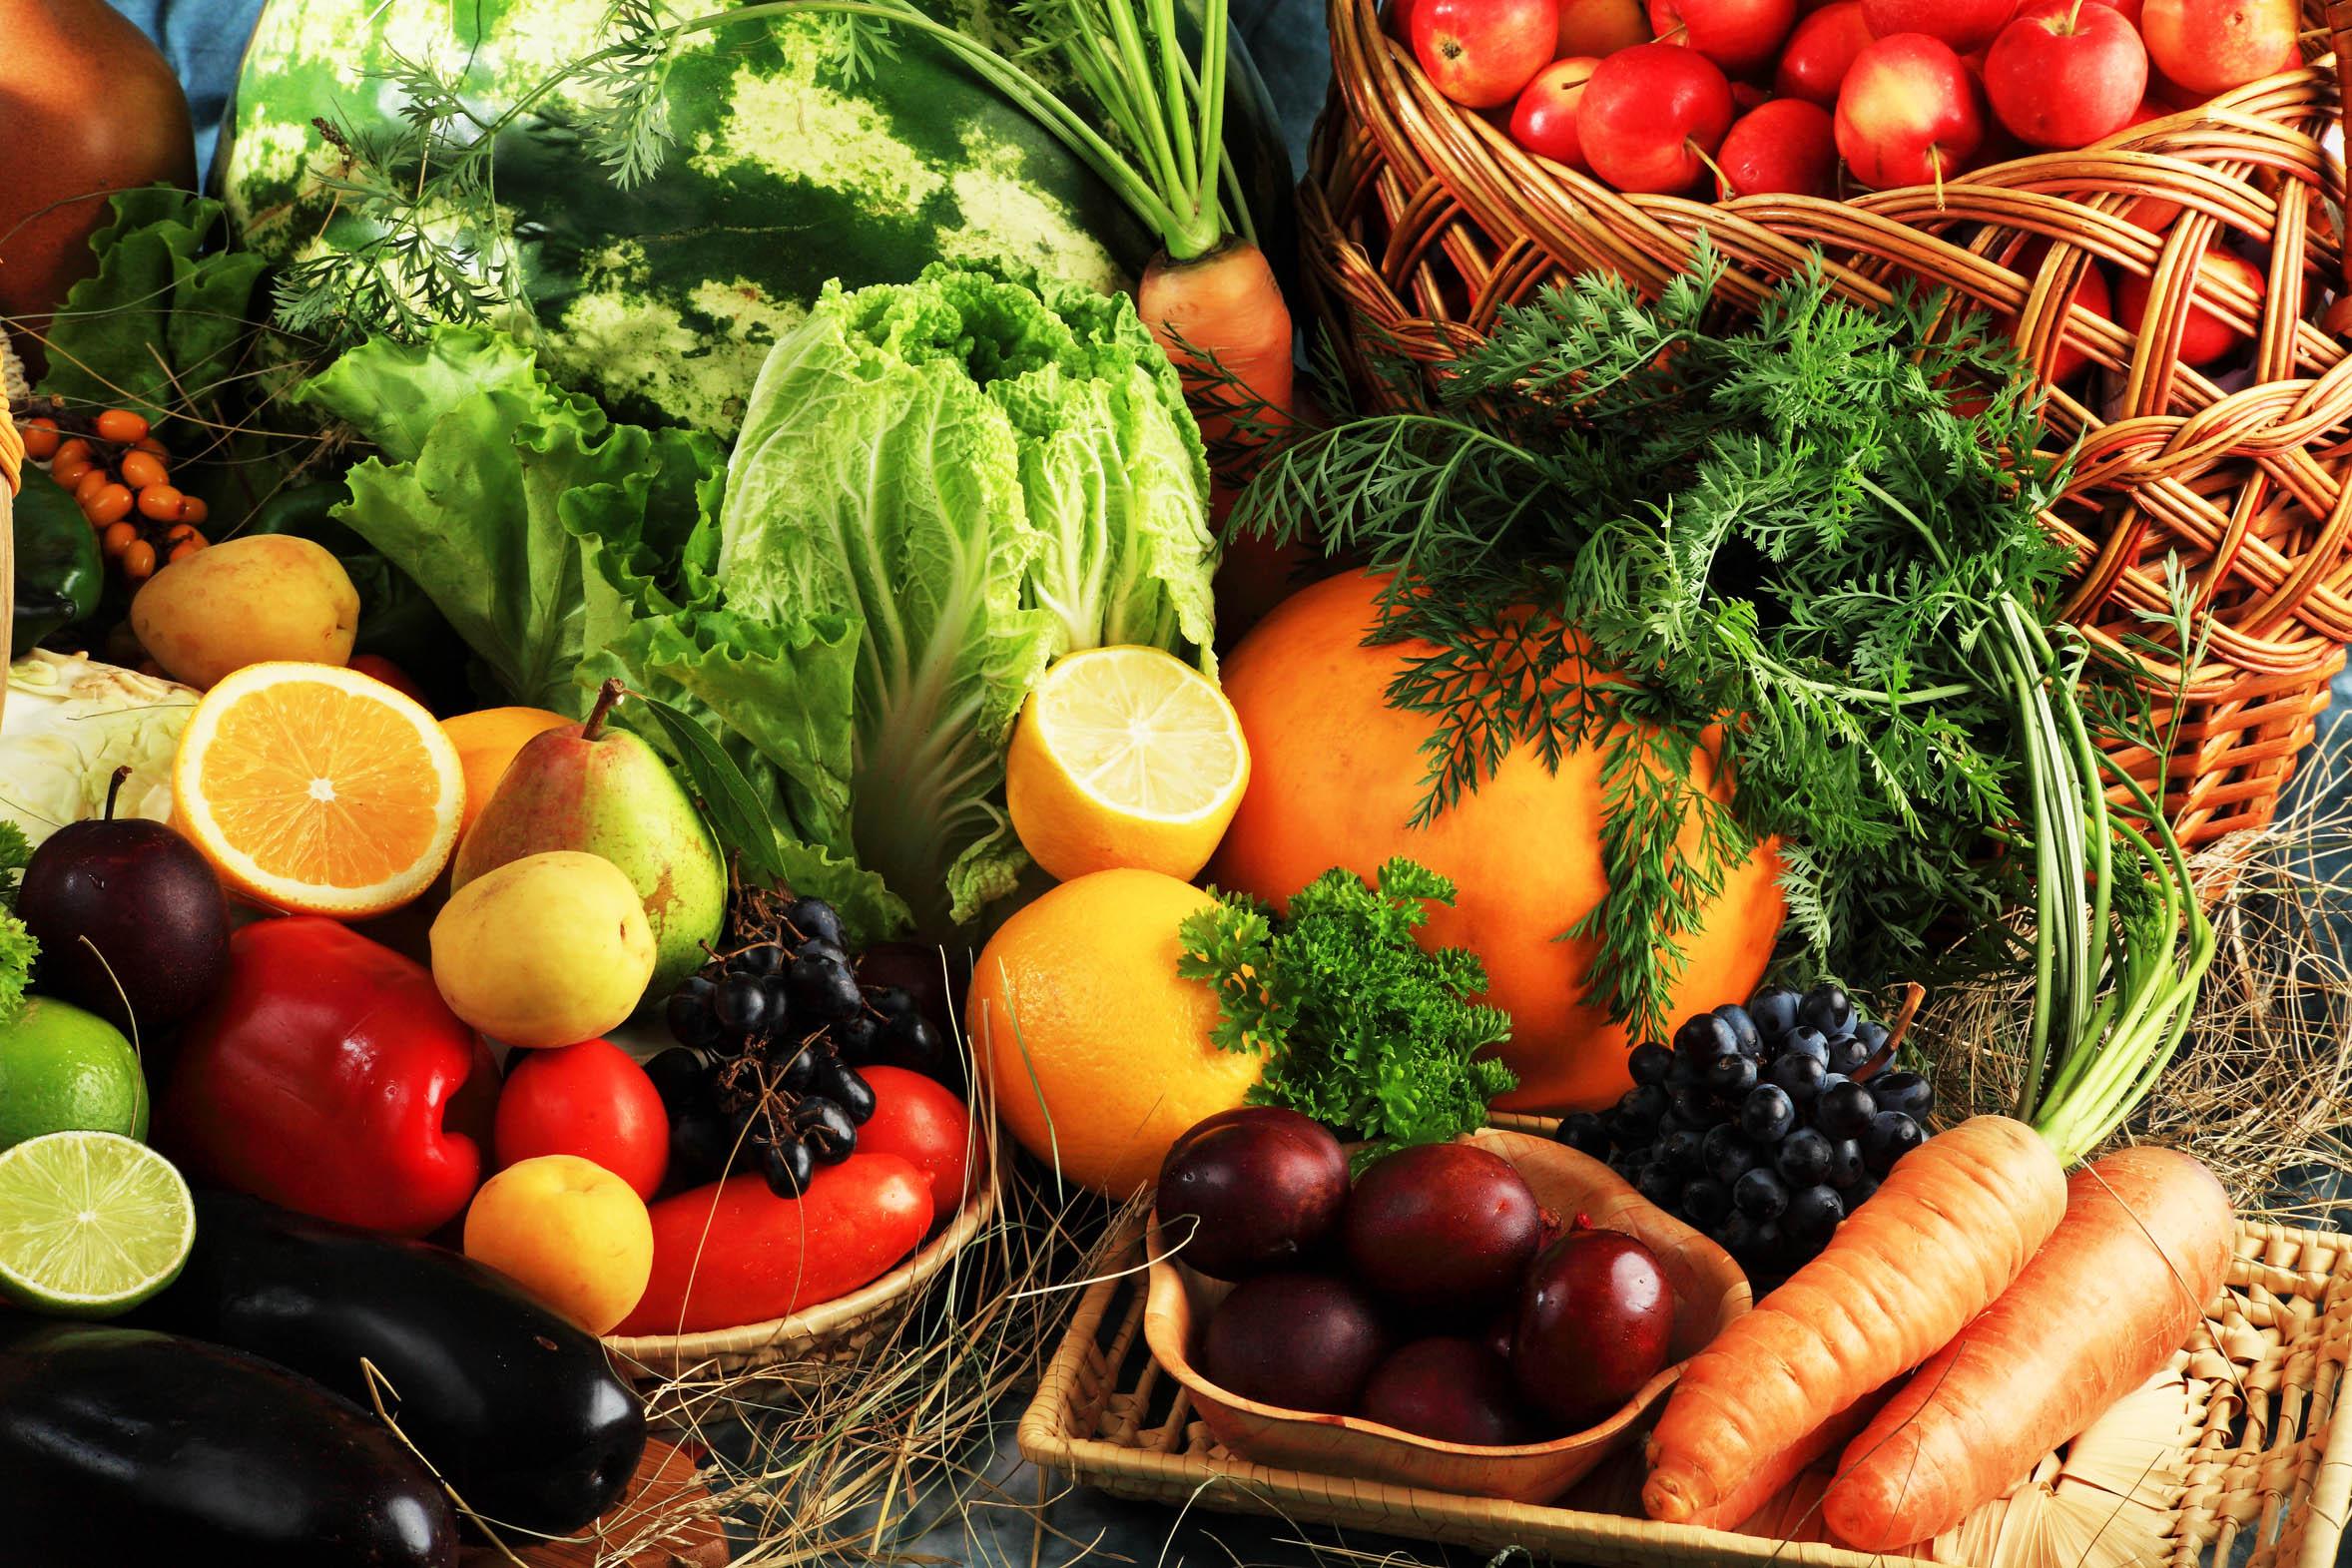 Las frutas y verduras nos ayudan tanto por dentro como por fuera. Foto puntofape